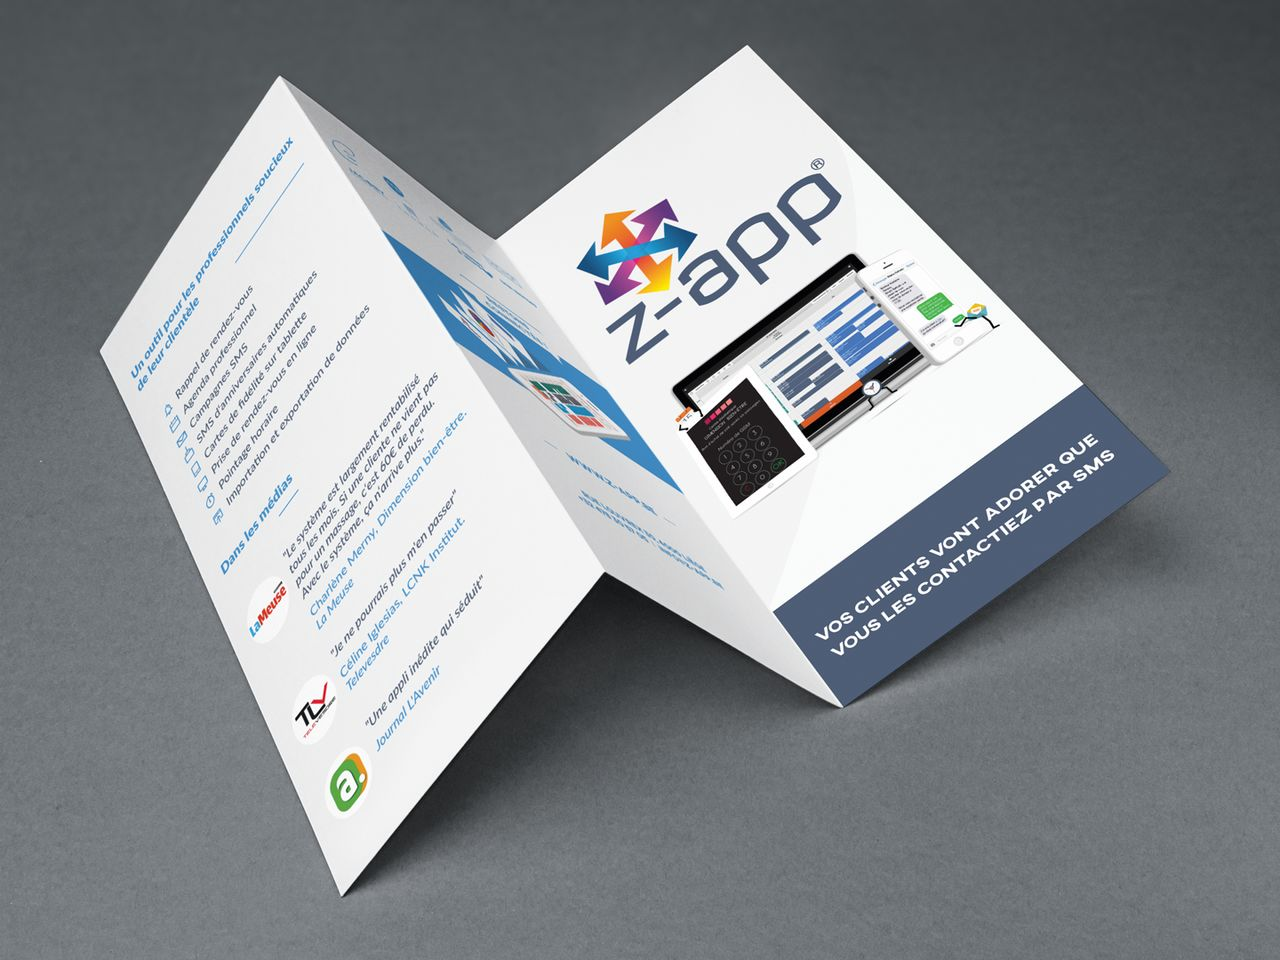 Z-app